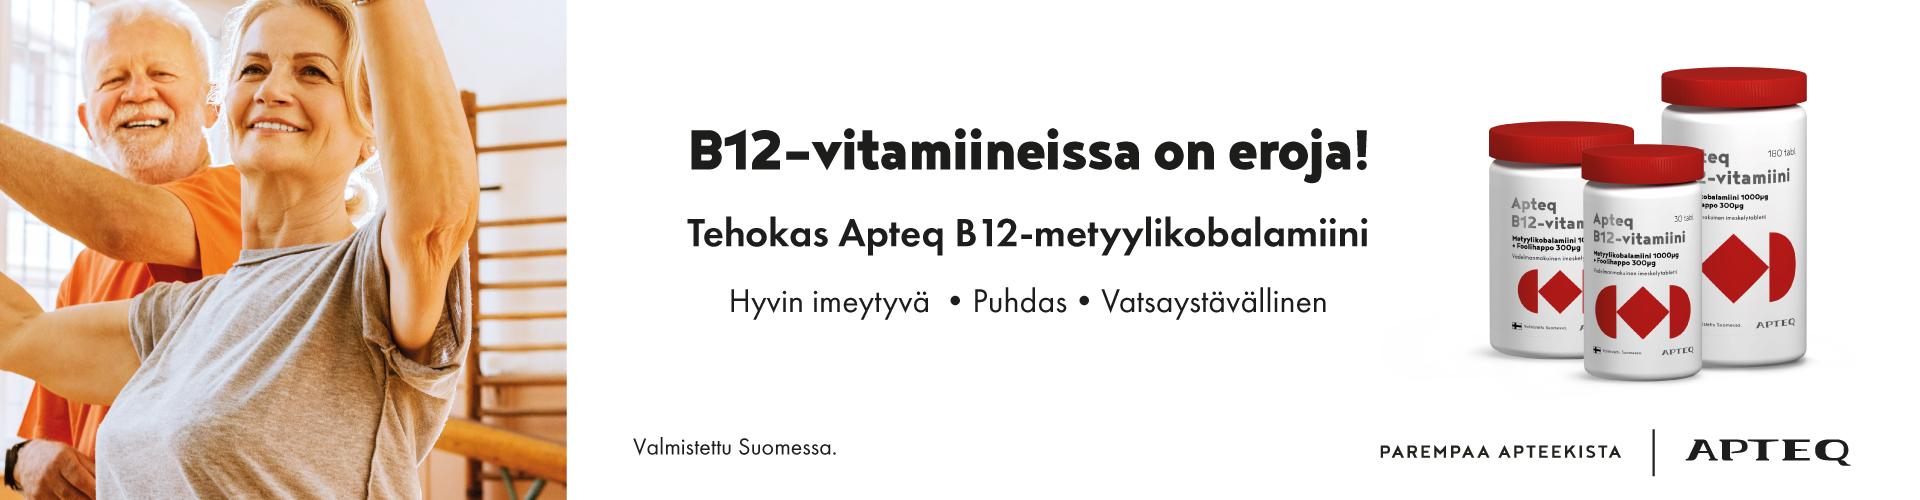 Apteq B12 -vitamiinituotteet, ole hyvä!